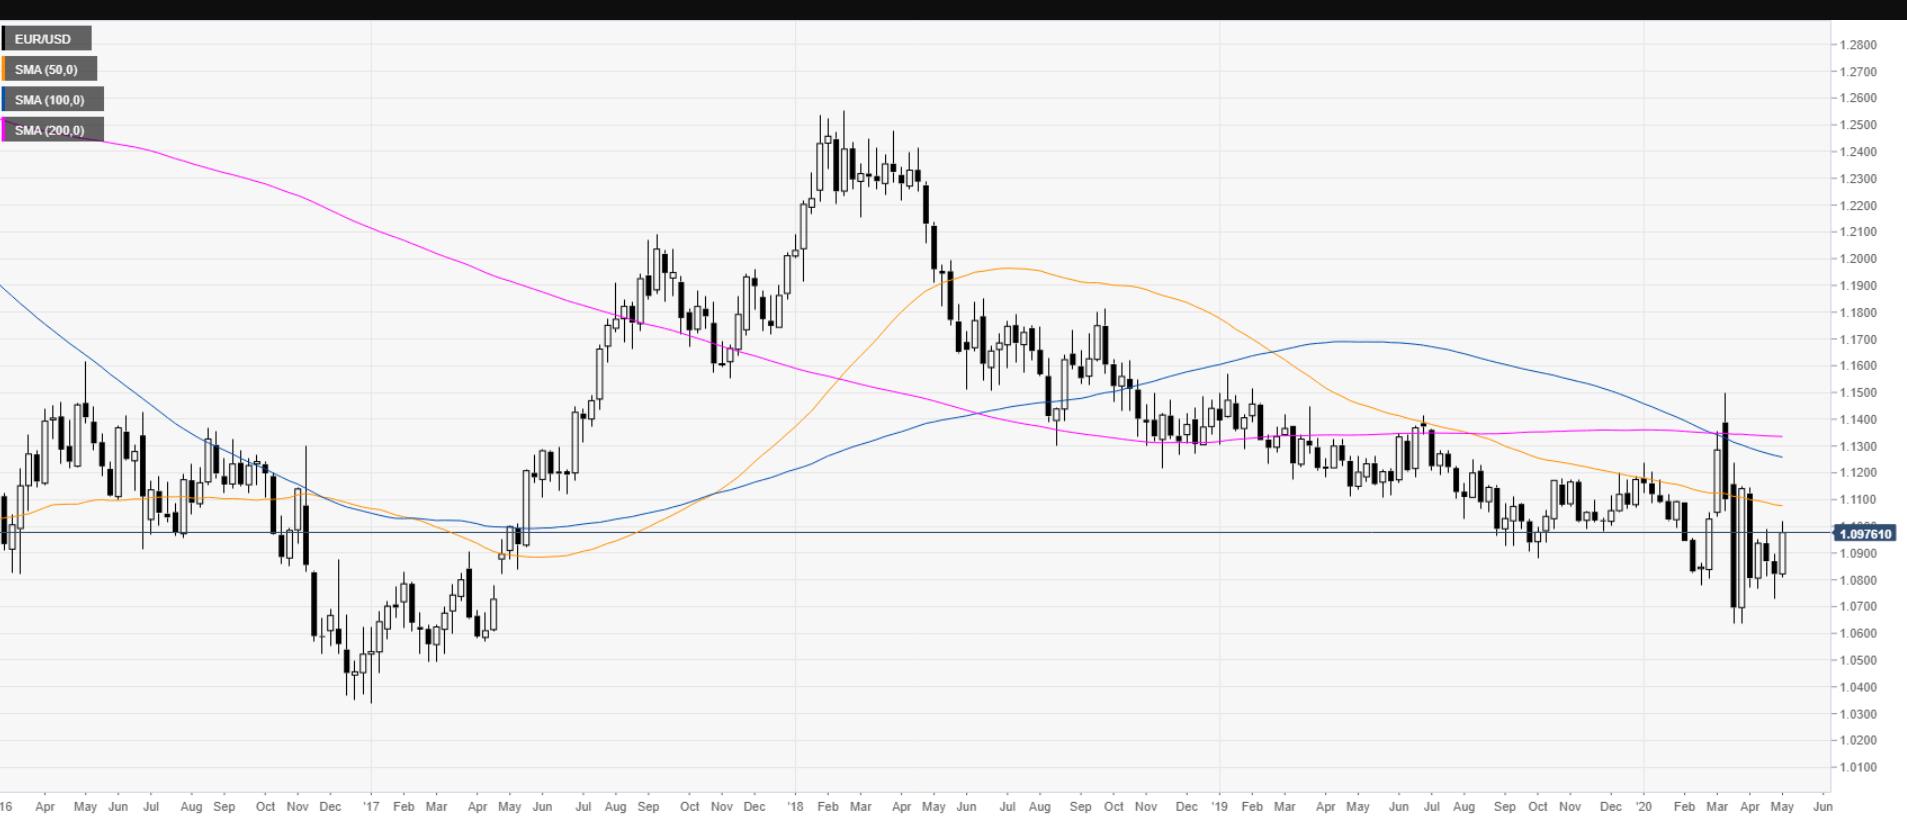 EURUSD FXStreet Chart - 04 May 2020